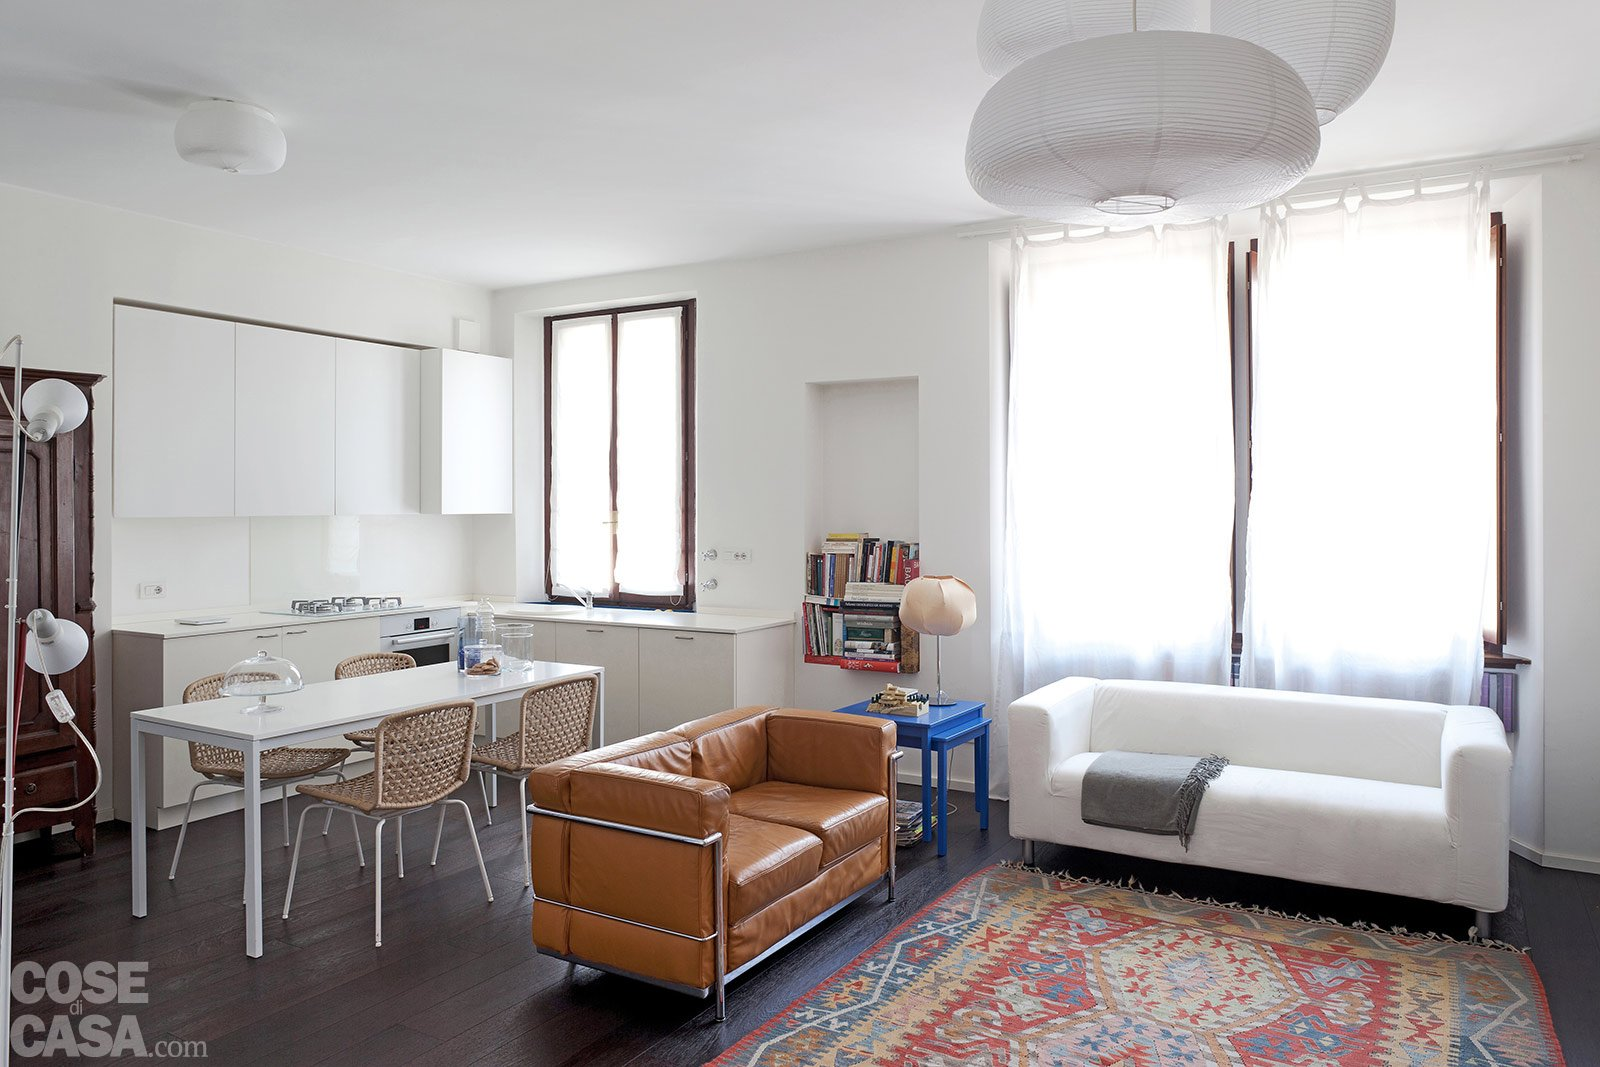 70 mq la casa migliora cos cose di casa for Casa di 1200 metri quadrati